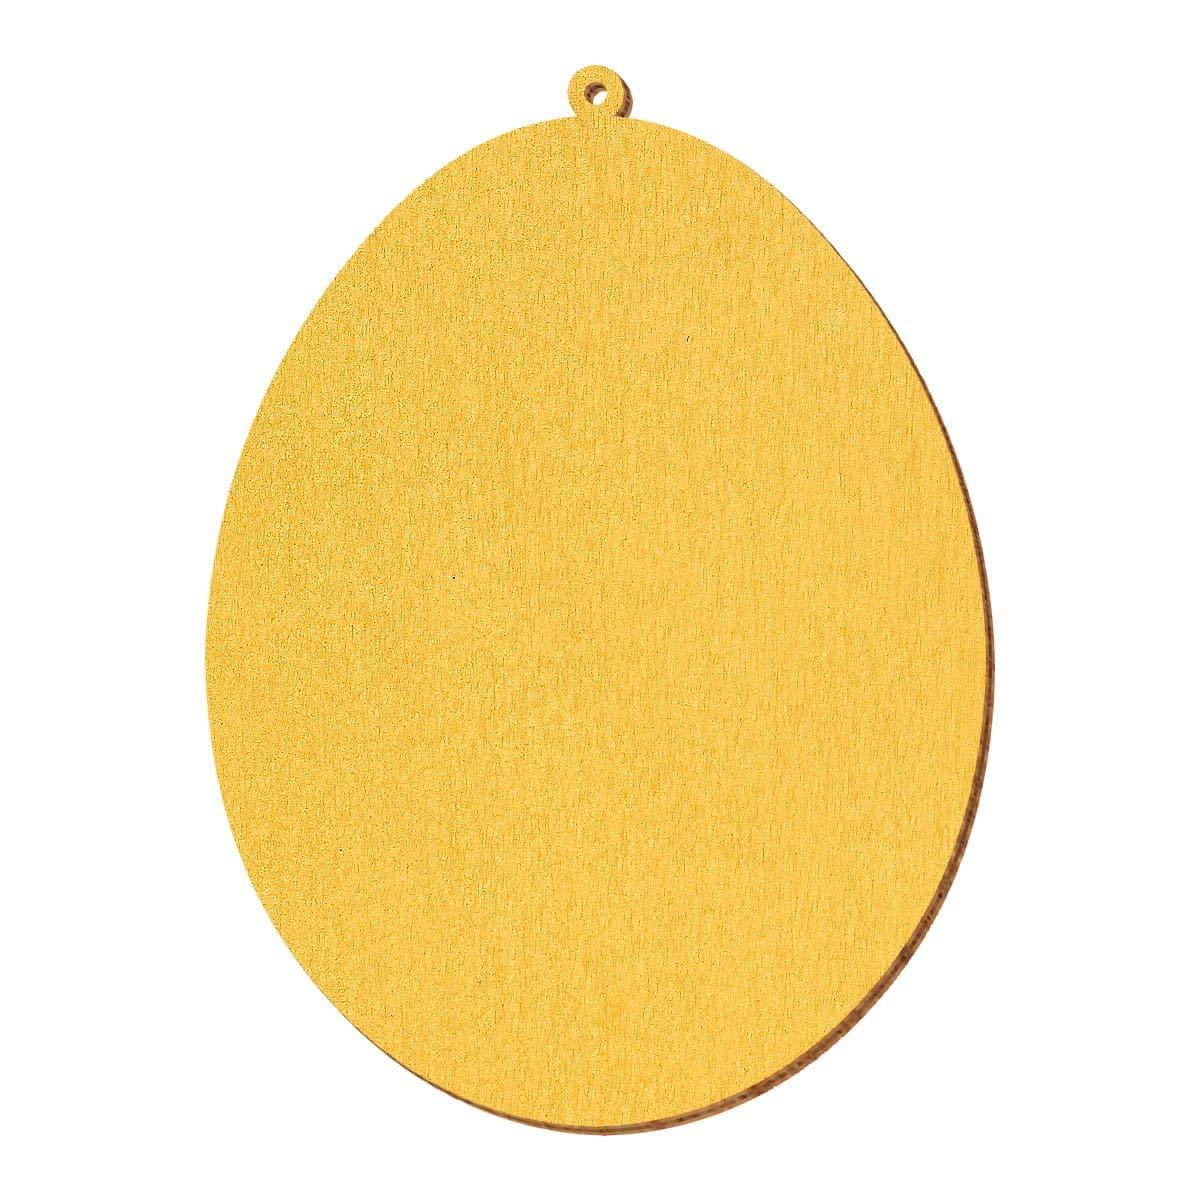 Goldene Holz Ostereier - 2-10cm Baum- Strauchbehang, Pack mit 50 Stück, Größe 8cm B07NF6ZRQX | Qualität und Quantität garantiert